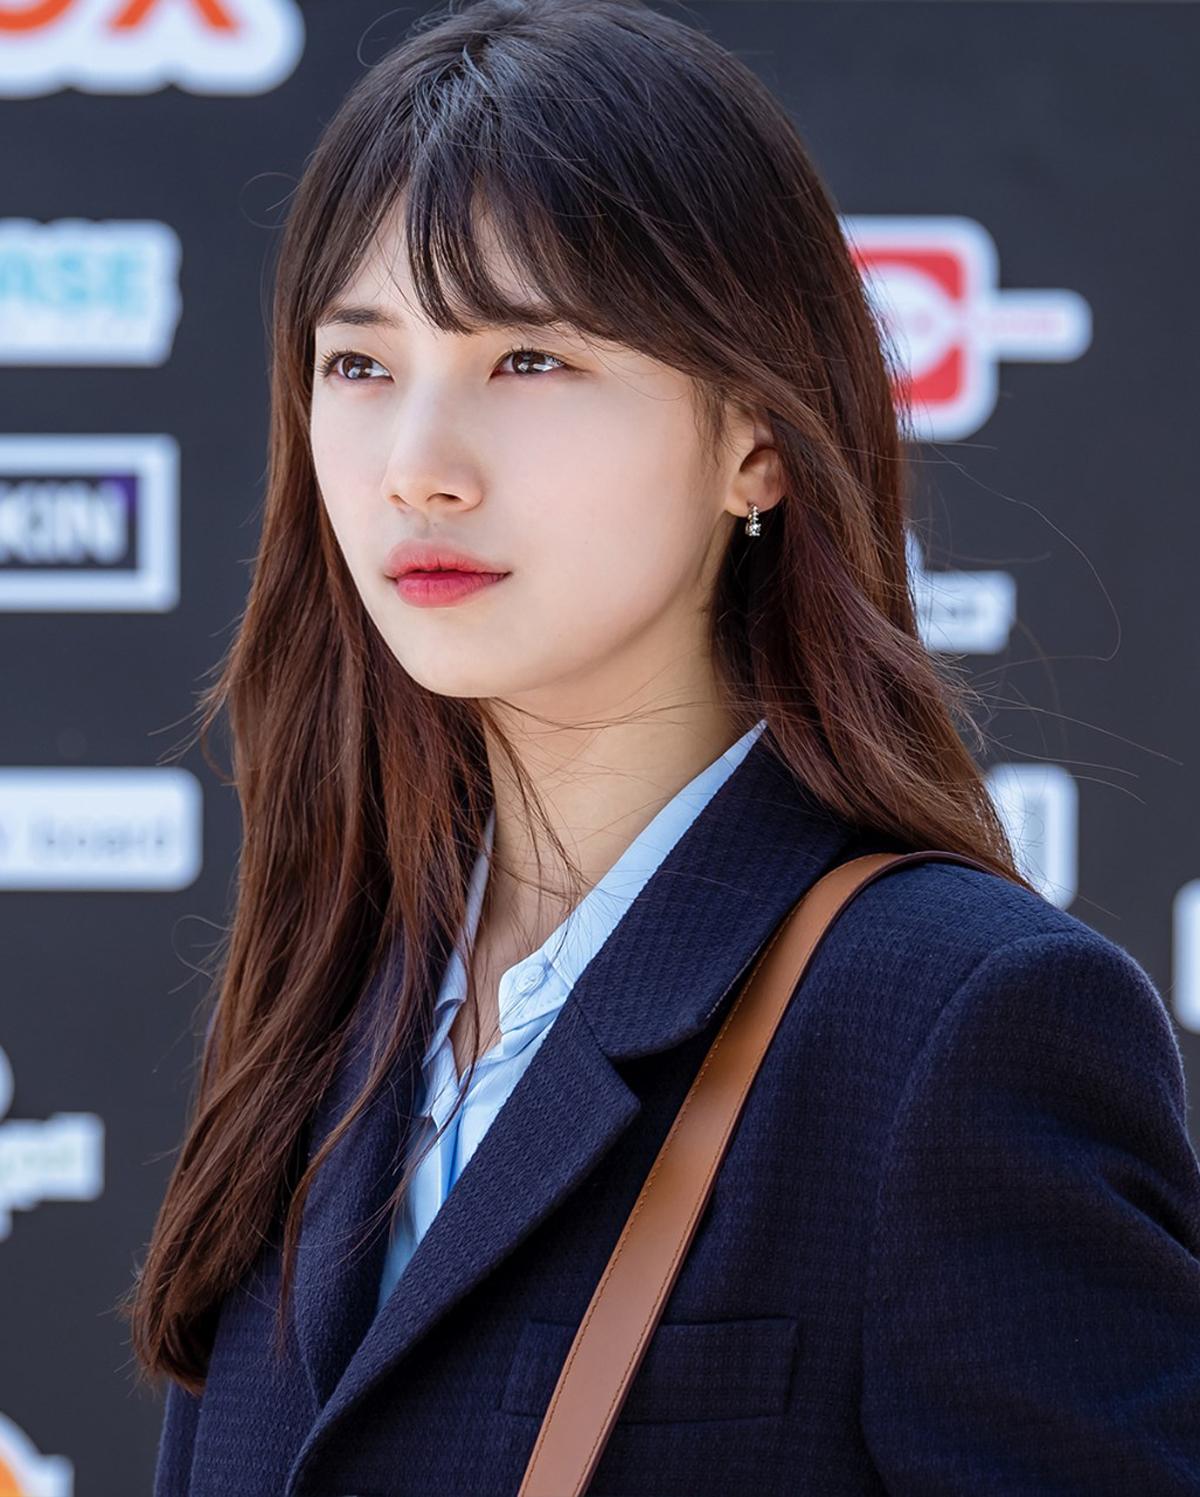 Nhiều năm trôi qua, mỹ nhân Hàn vẫn ưa chuộng cách tô son lòng môi trên phim. Đây là công thức làm đẹp đơn giản mà không lỗi mốt, giúp các cô gái hack tuổi dễ dàng.